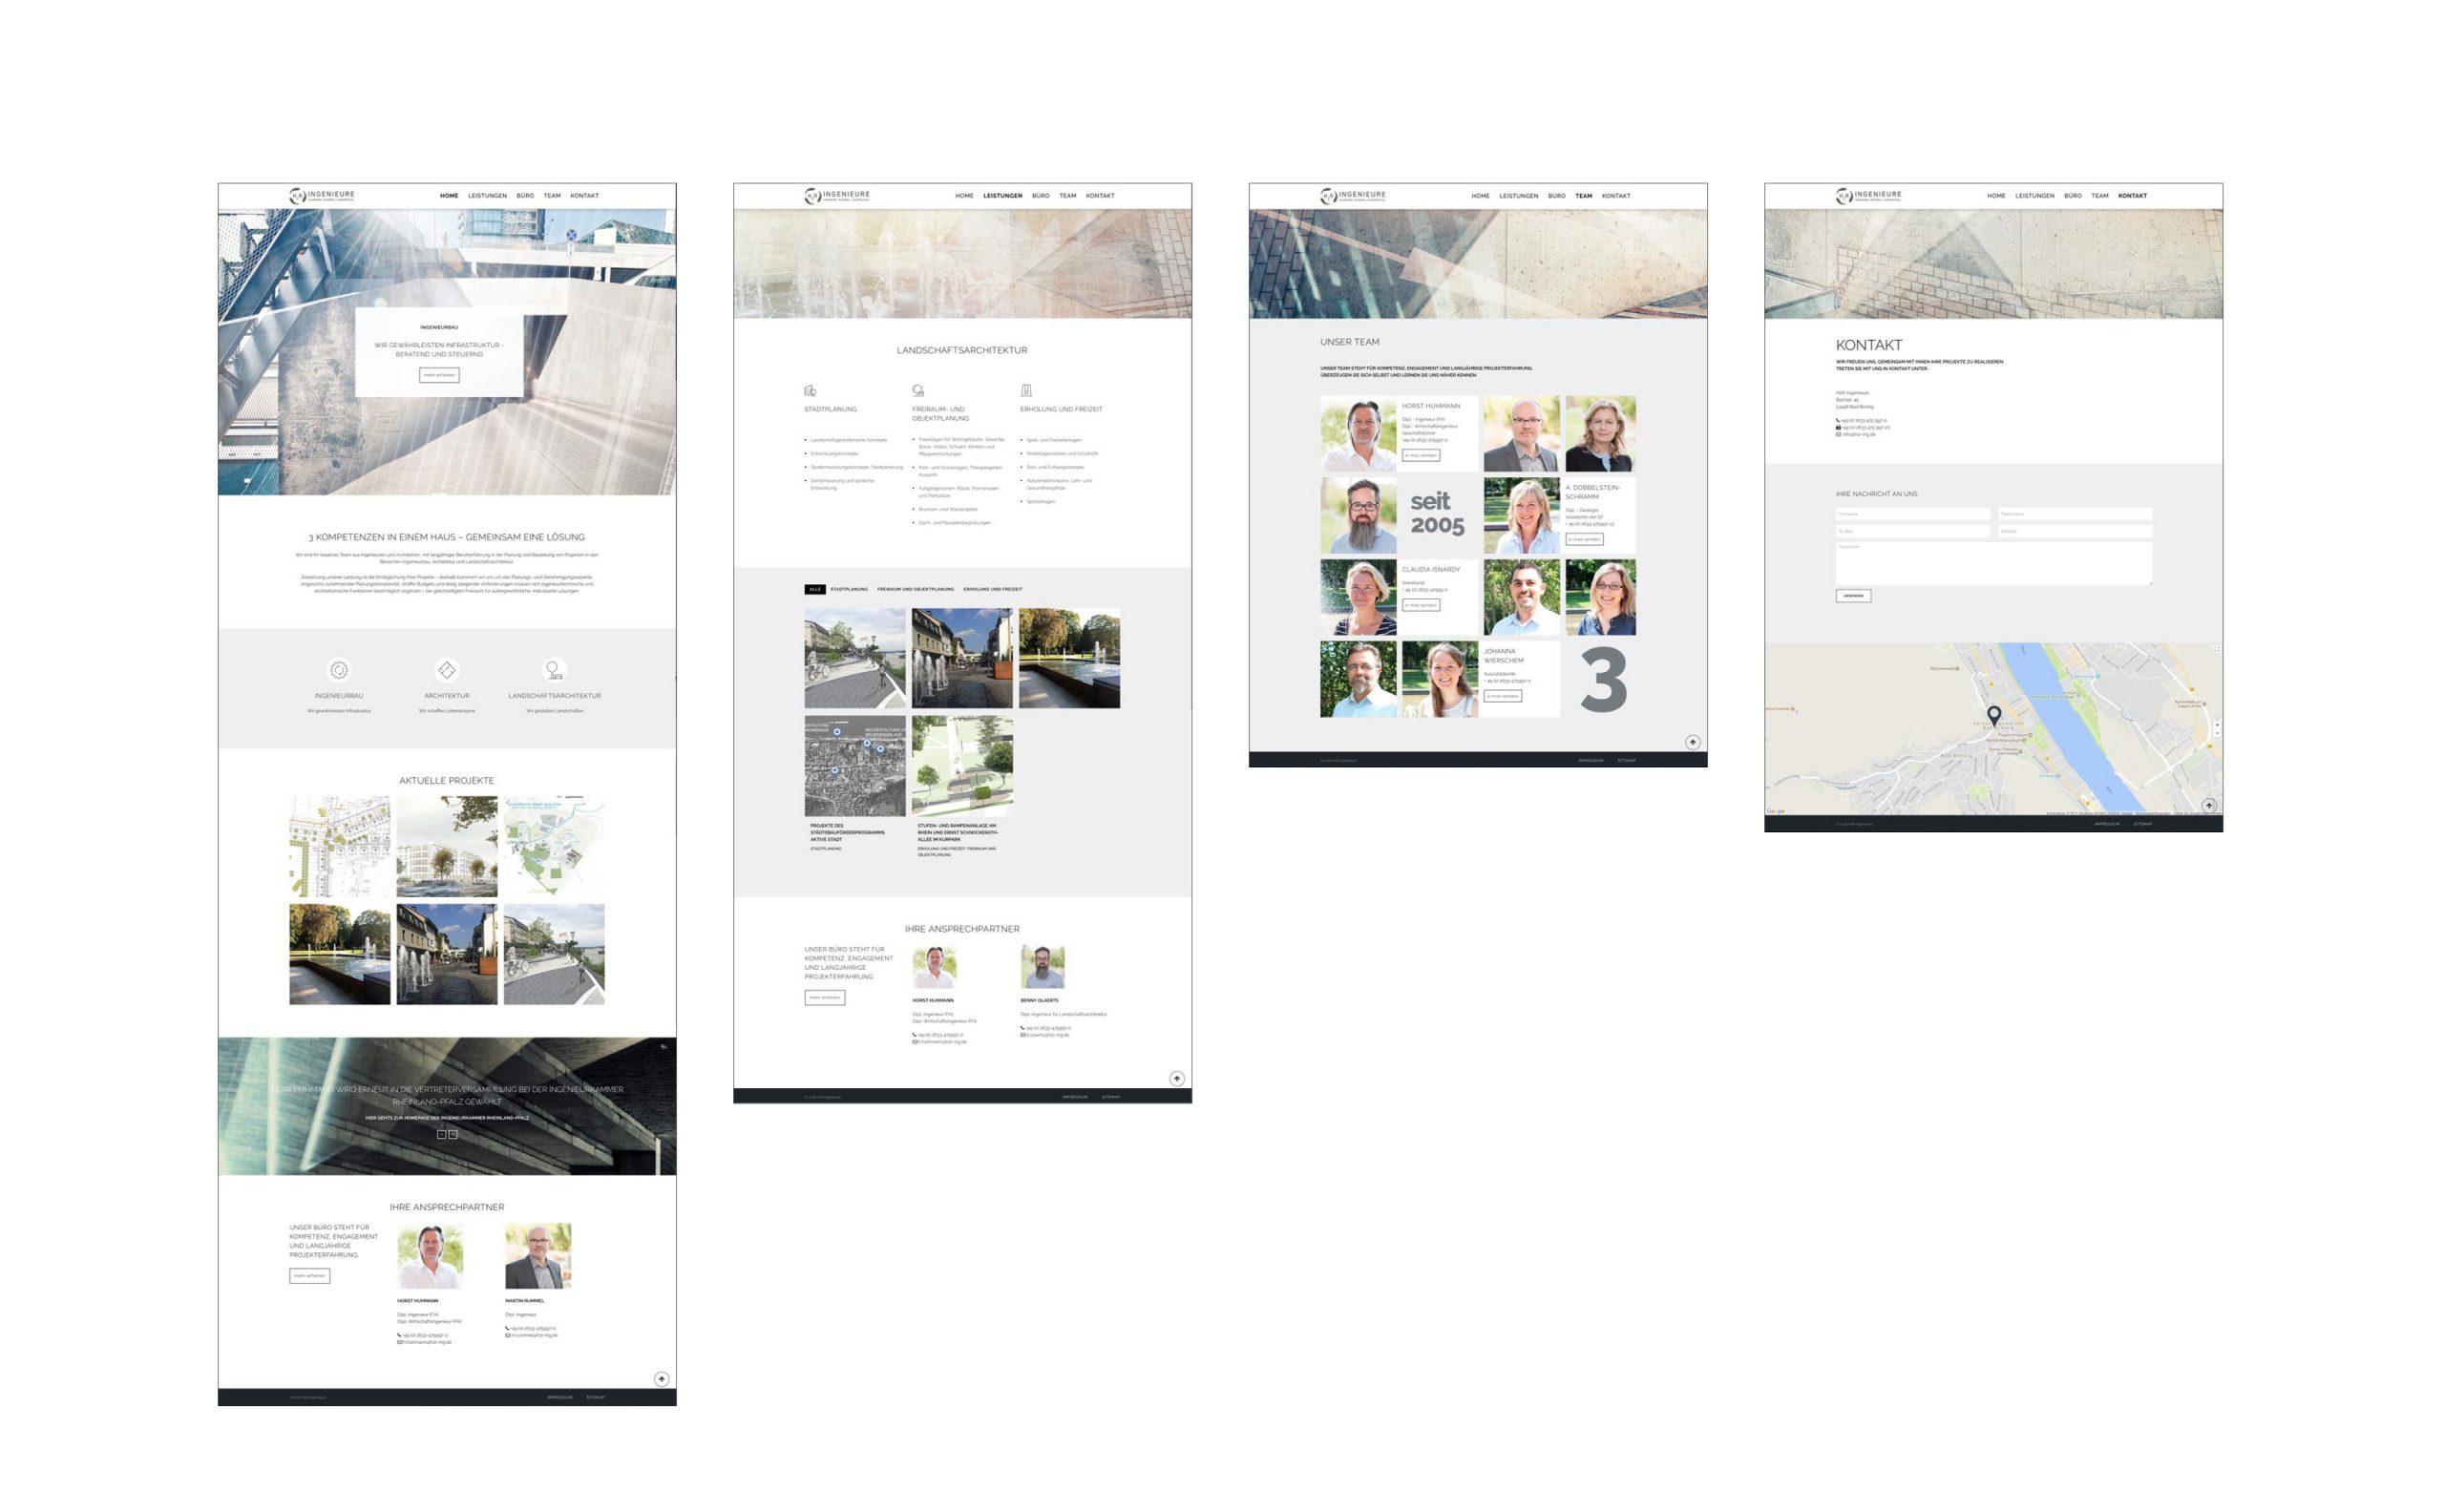 H2R-Ingenieure: Web-Relaunch von Bosbach, Contentseiten